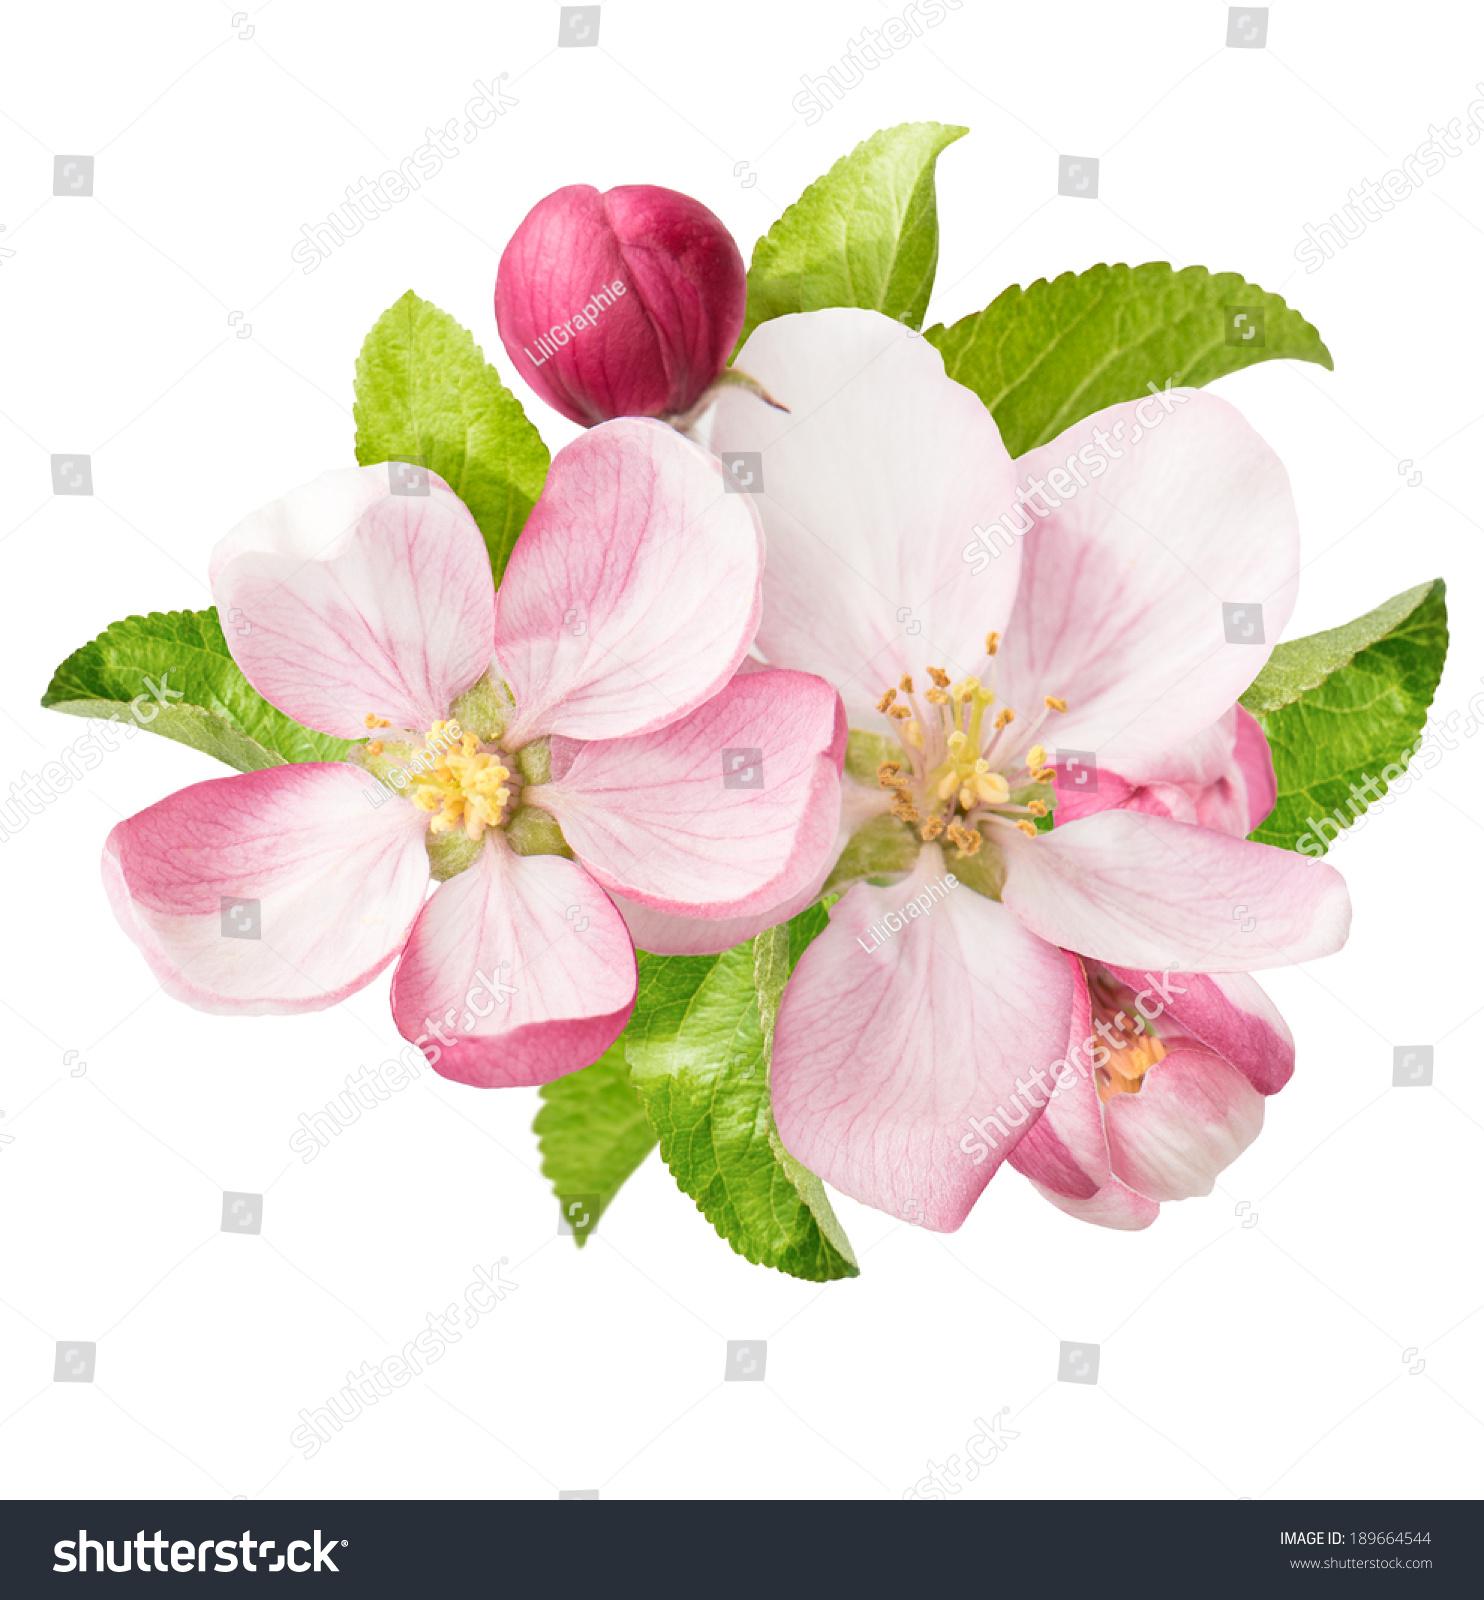 春天的花朵-自然,公园